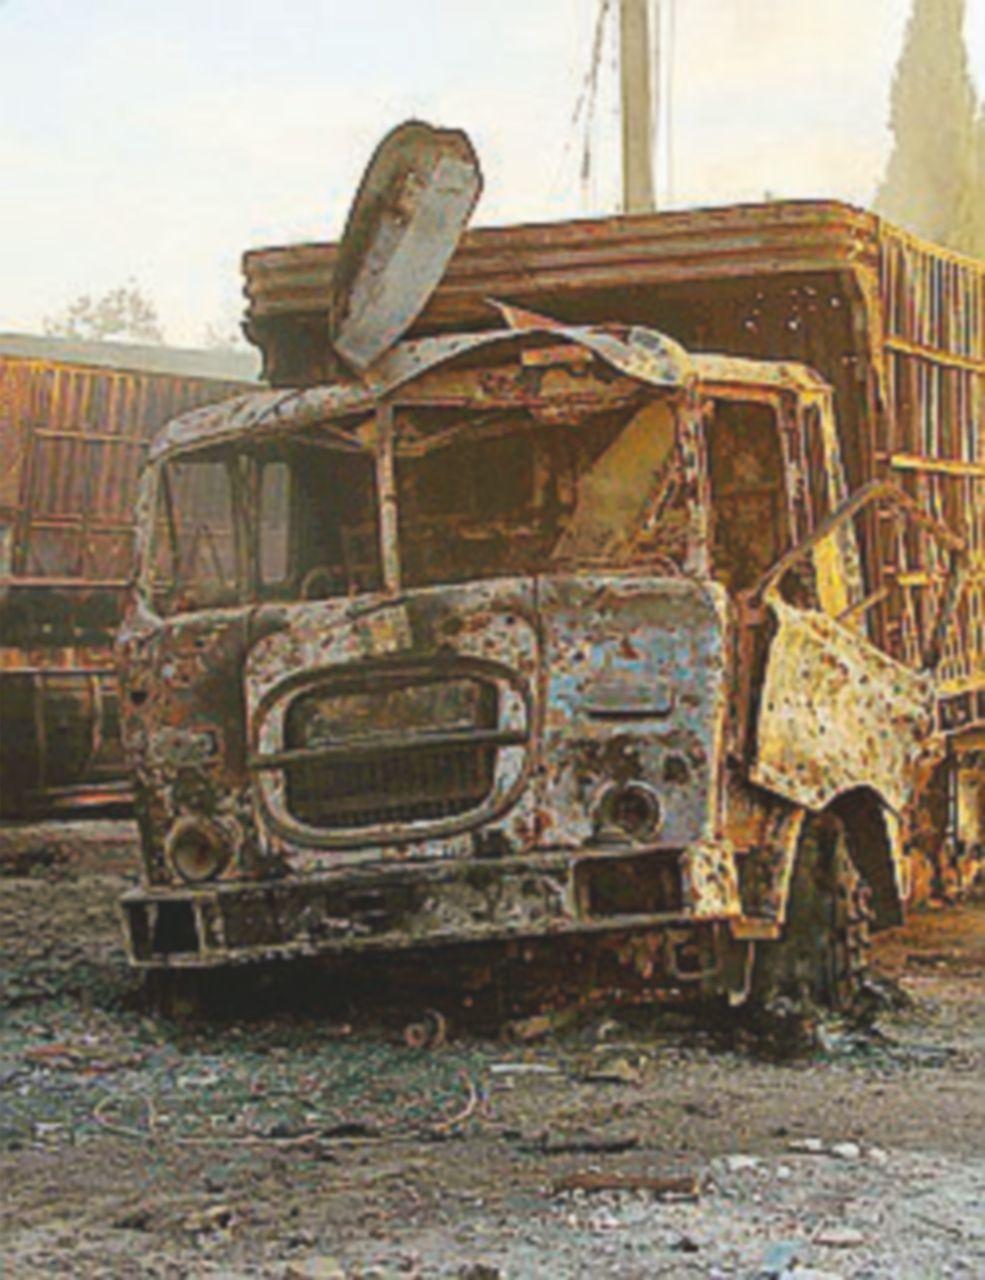 Bombe sul convoglio umanitario: la Croce Rossa non si ferma